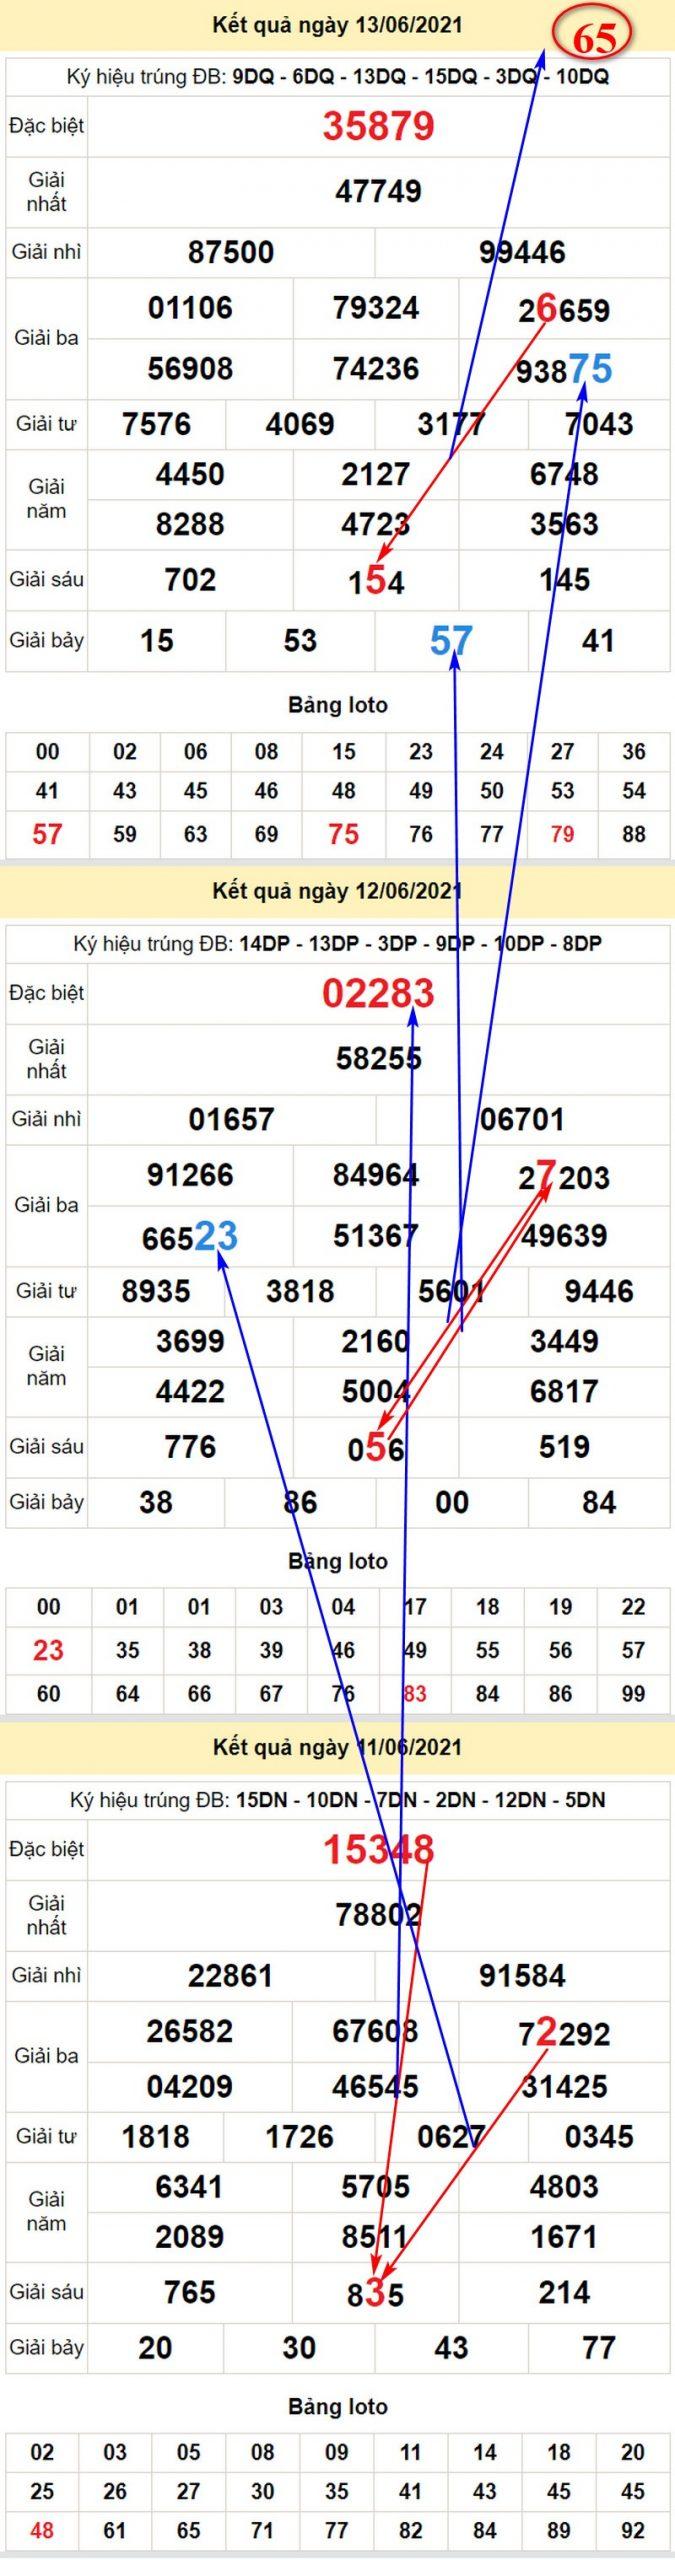 Chi tiết soi cầu dự đoán kết quả XSMB T2 ngày 14/6/2021